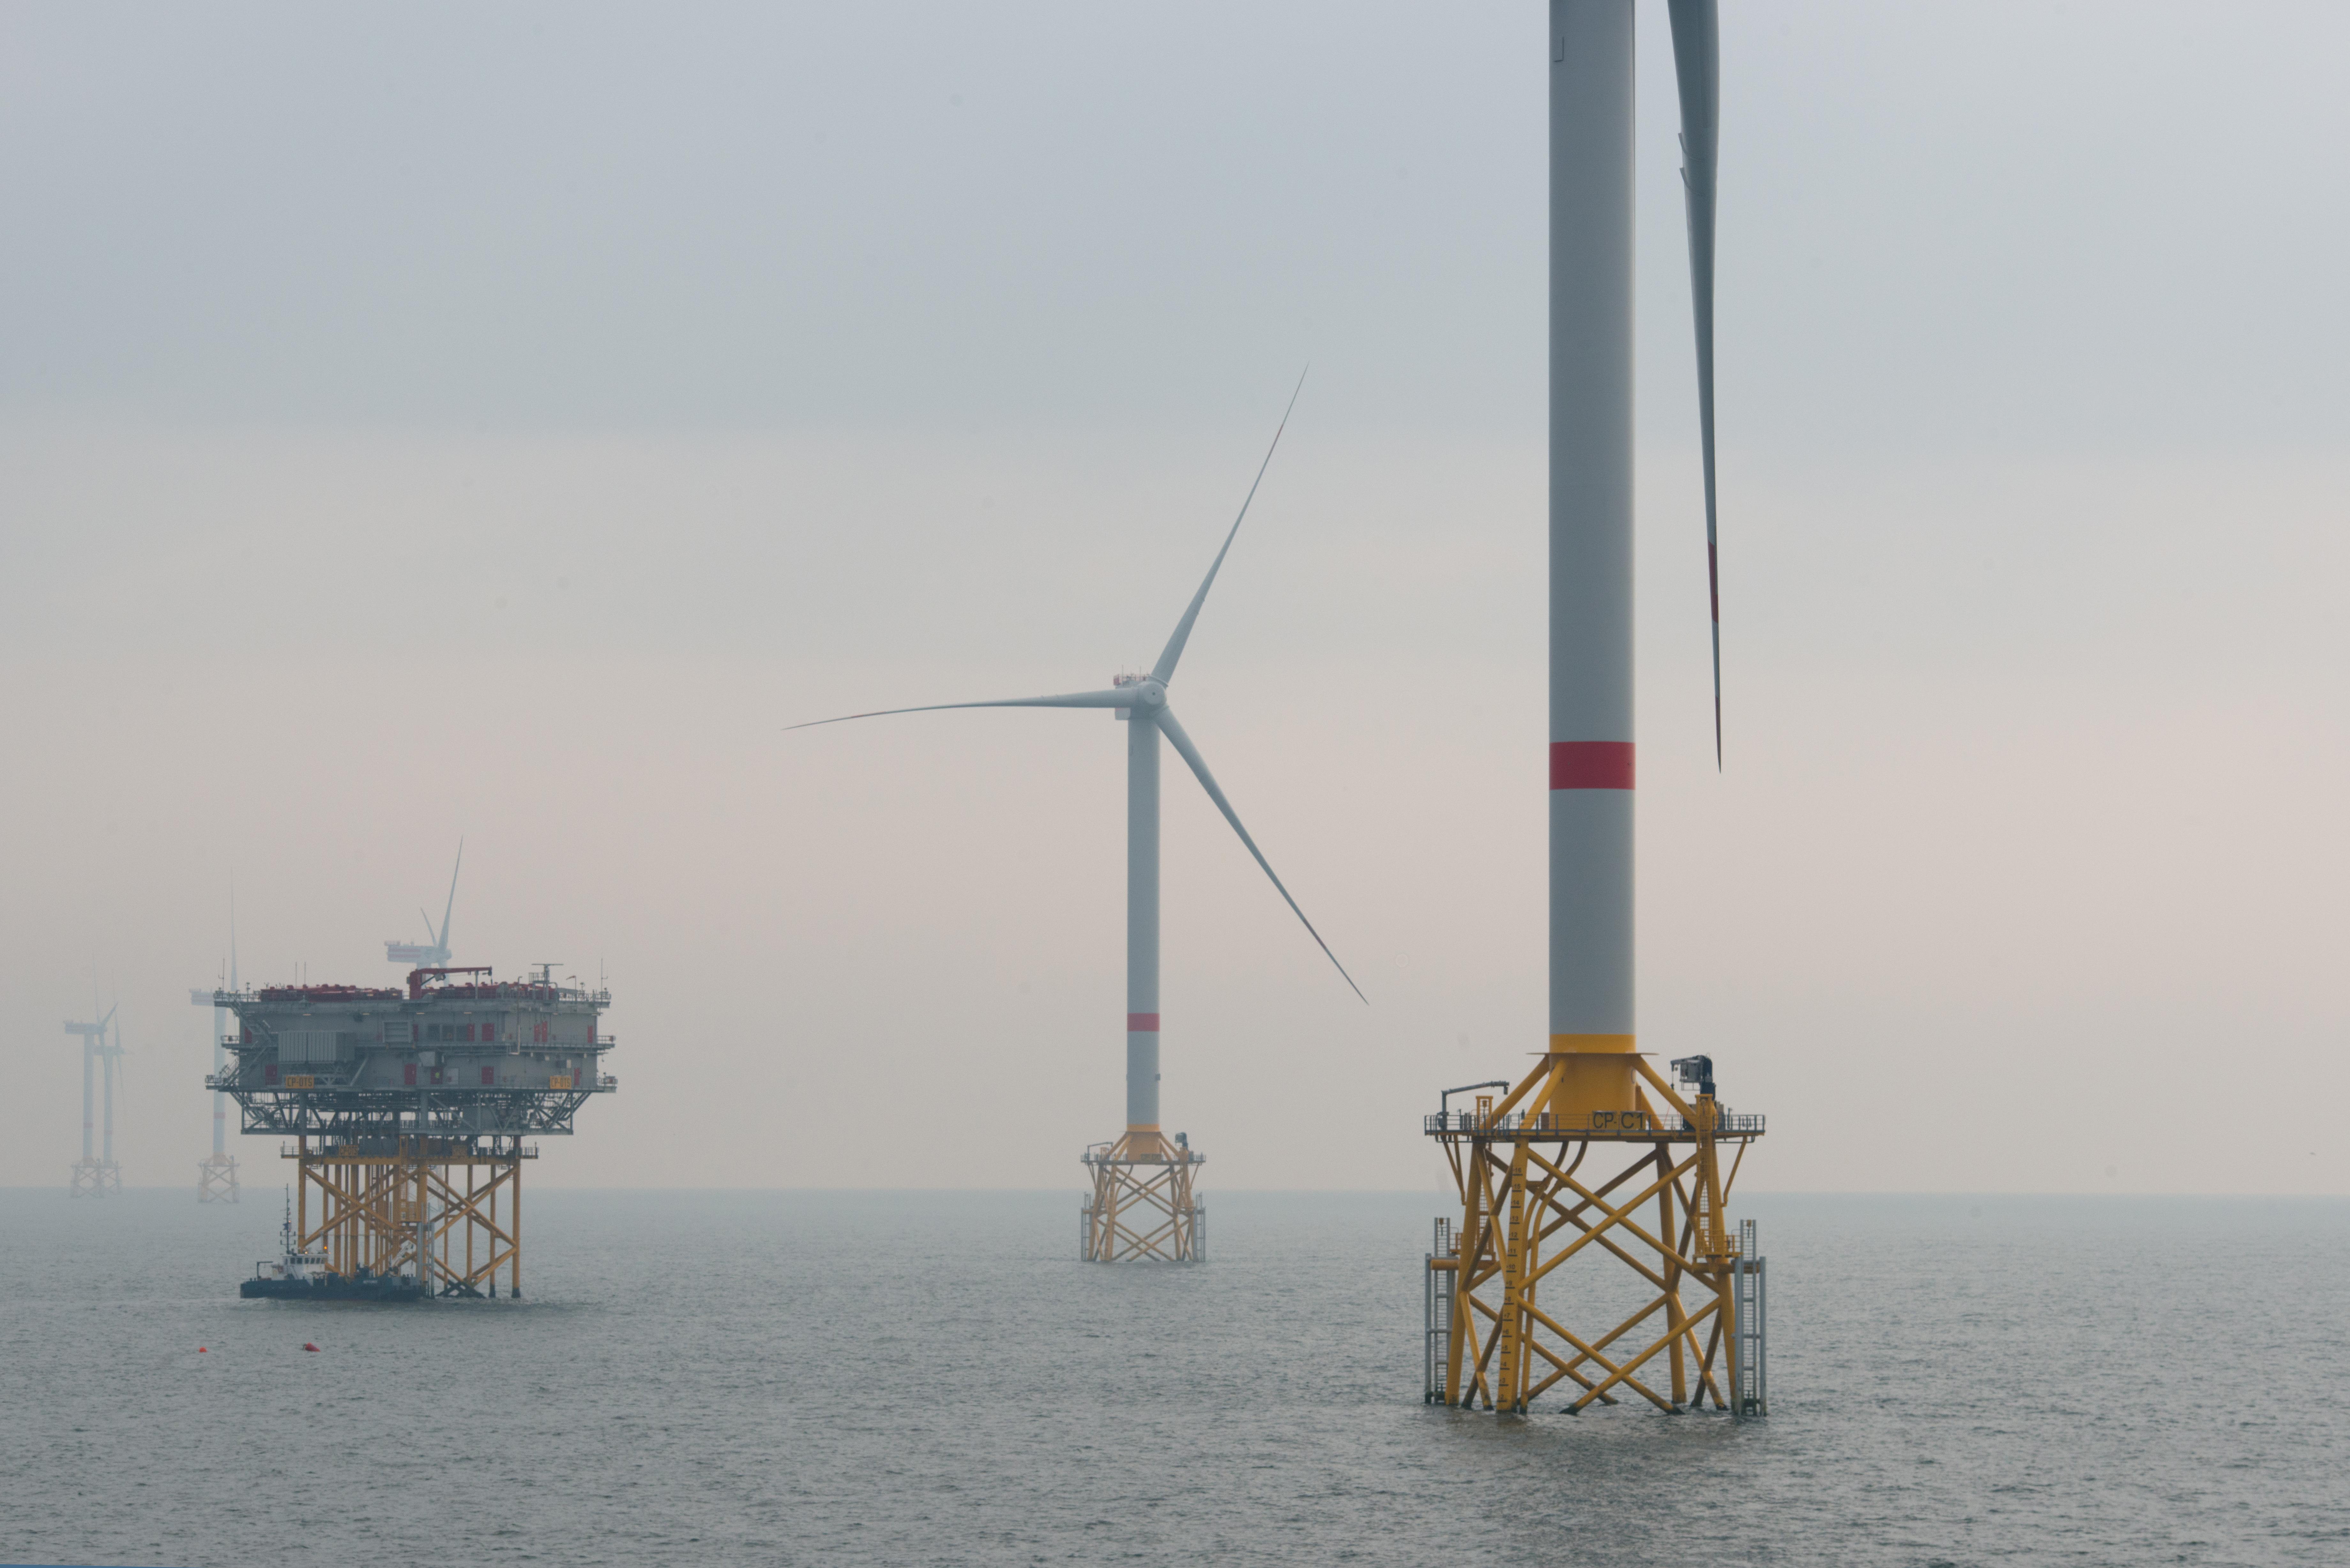 Sur quoi portera le débat public «Eoliennes en mer au large de la Normandie» ?